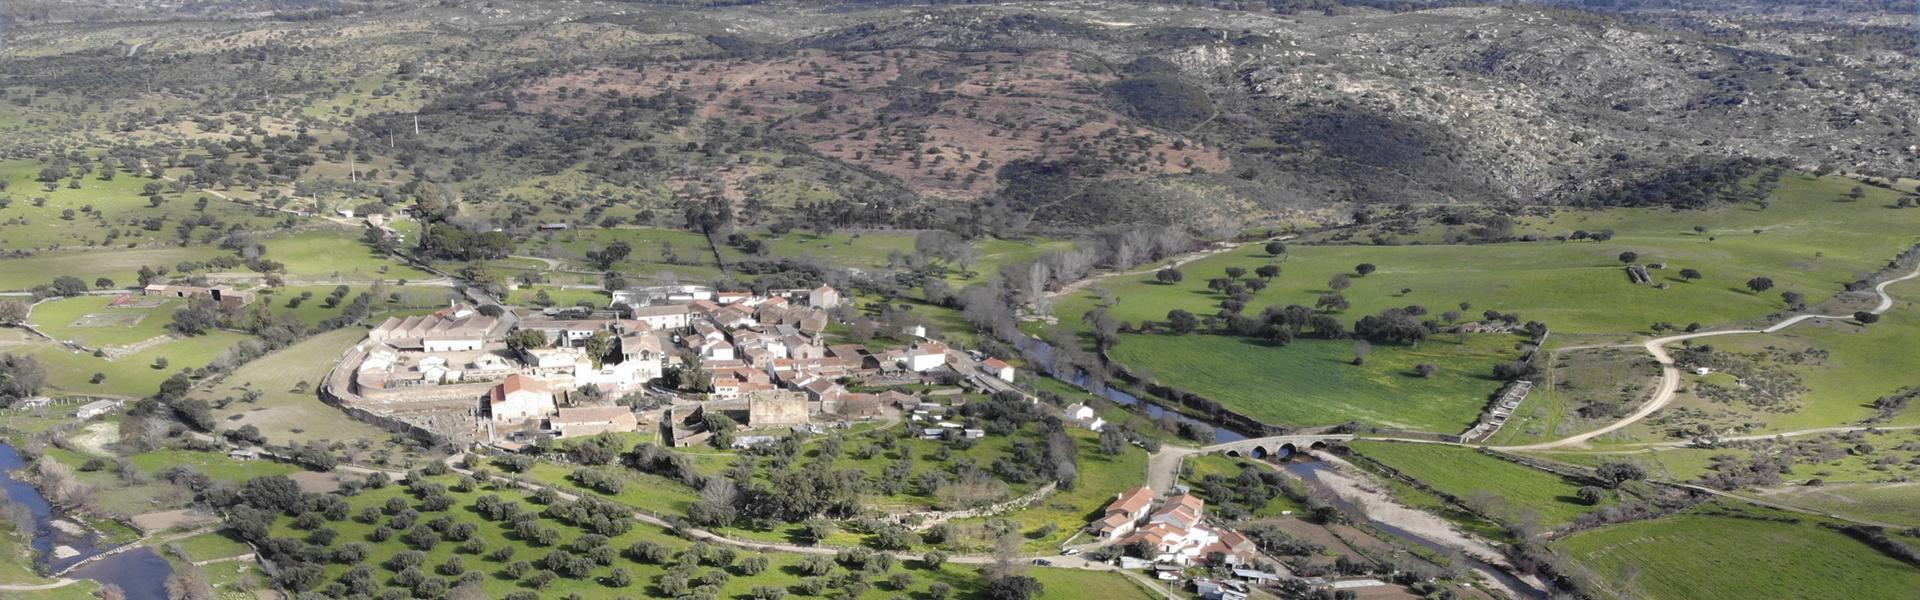 """Projeto """"A Aldeia Histórica de Idanha-a-Velha: Cidade, Território e População na Antiguidade"""""""